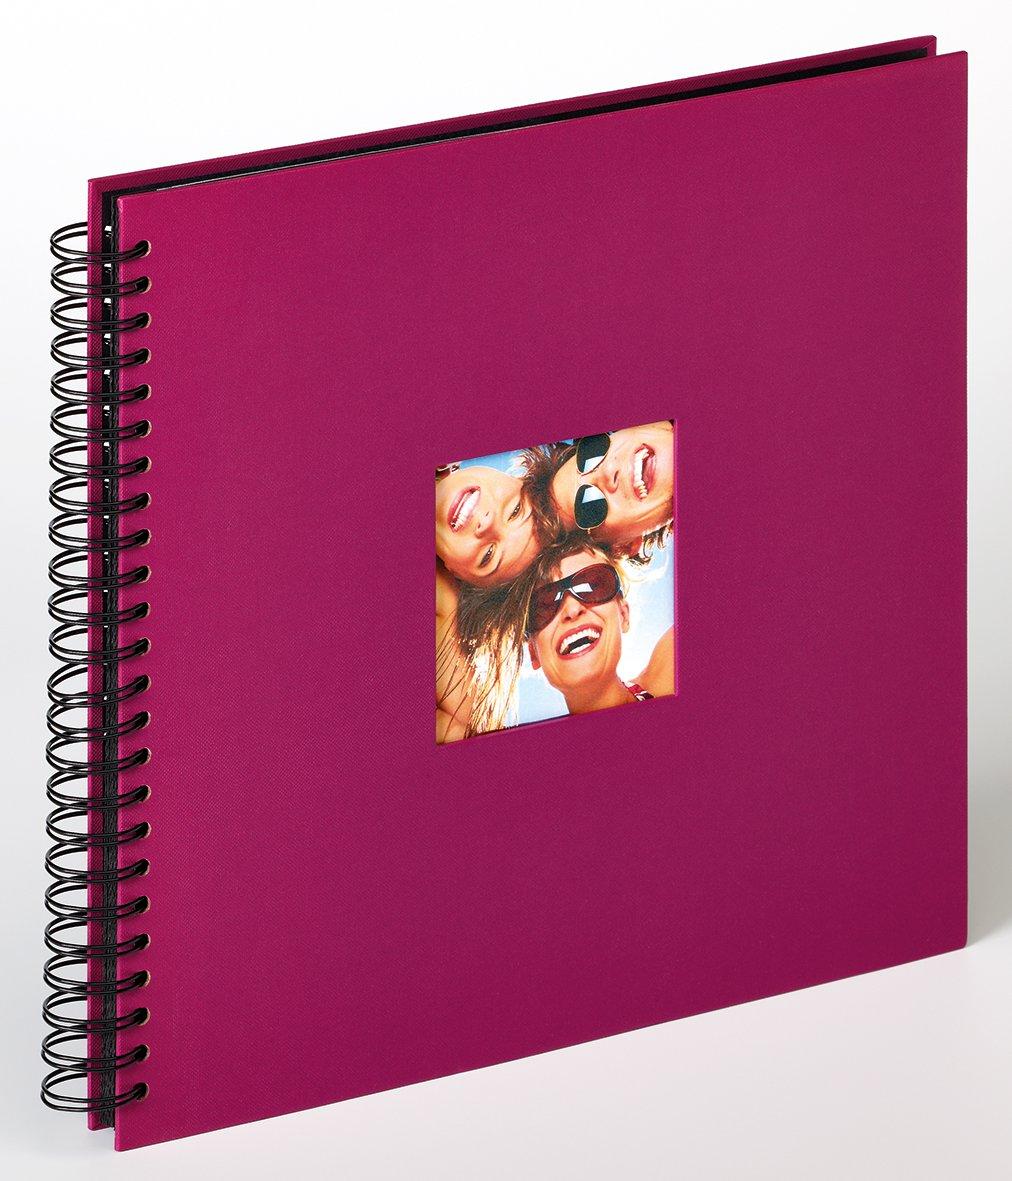 WALTHER FUN klasické/50 stran, 30x30,  kroužková vazba,černé listy, fialová